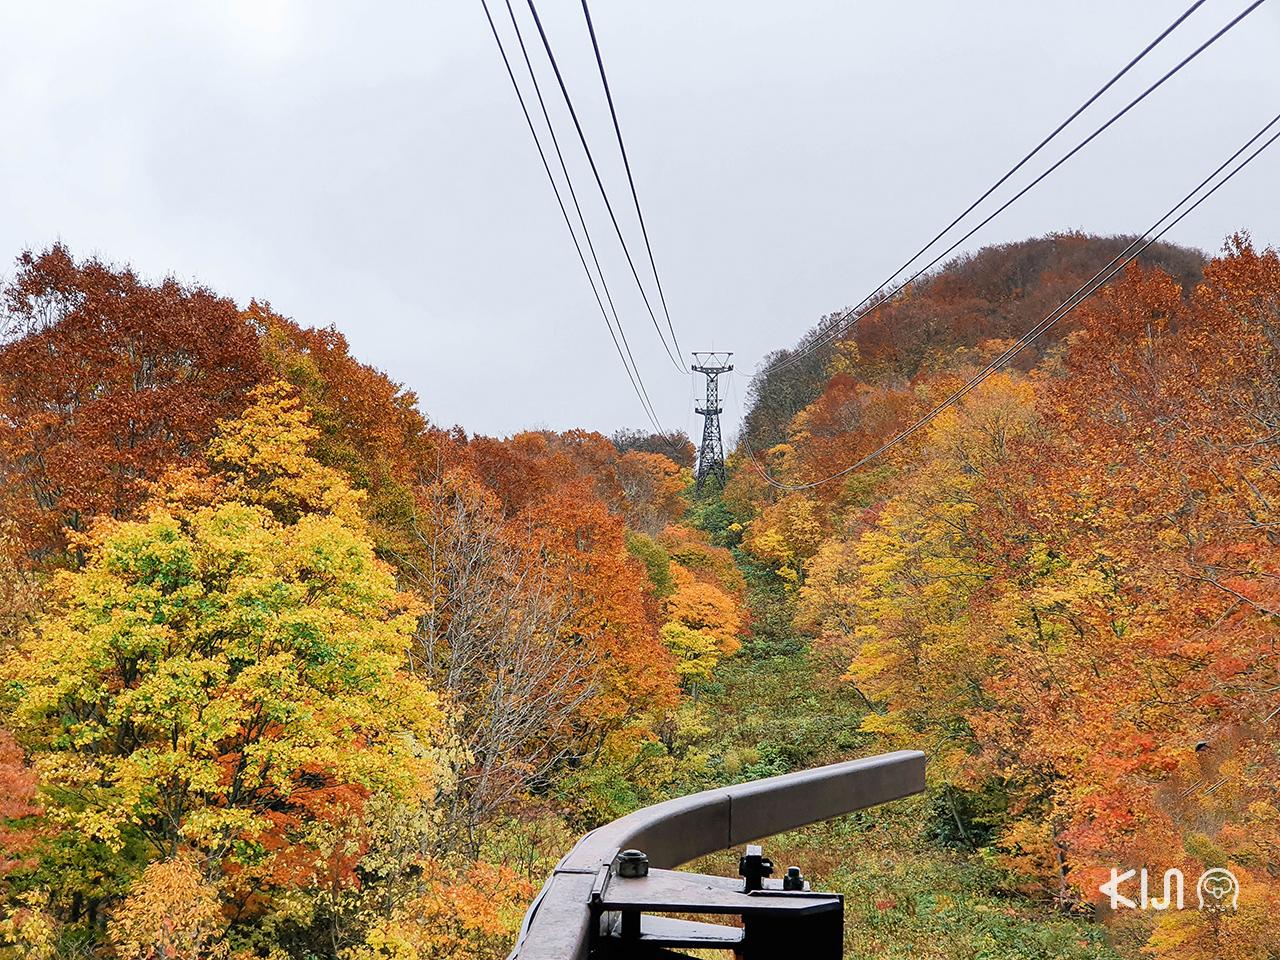 เที่ยว โทโฮคุ พร้อมชม ใบไม้เปลี่ยนสี ที่ Hakkoda Ropeway